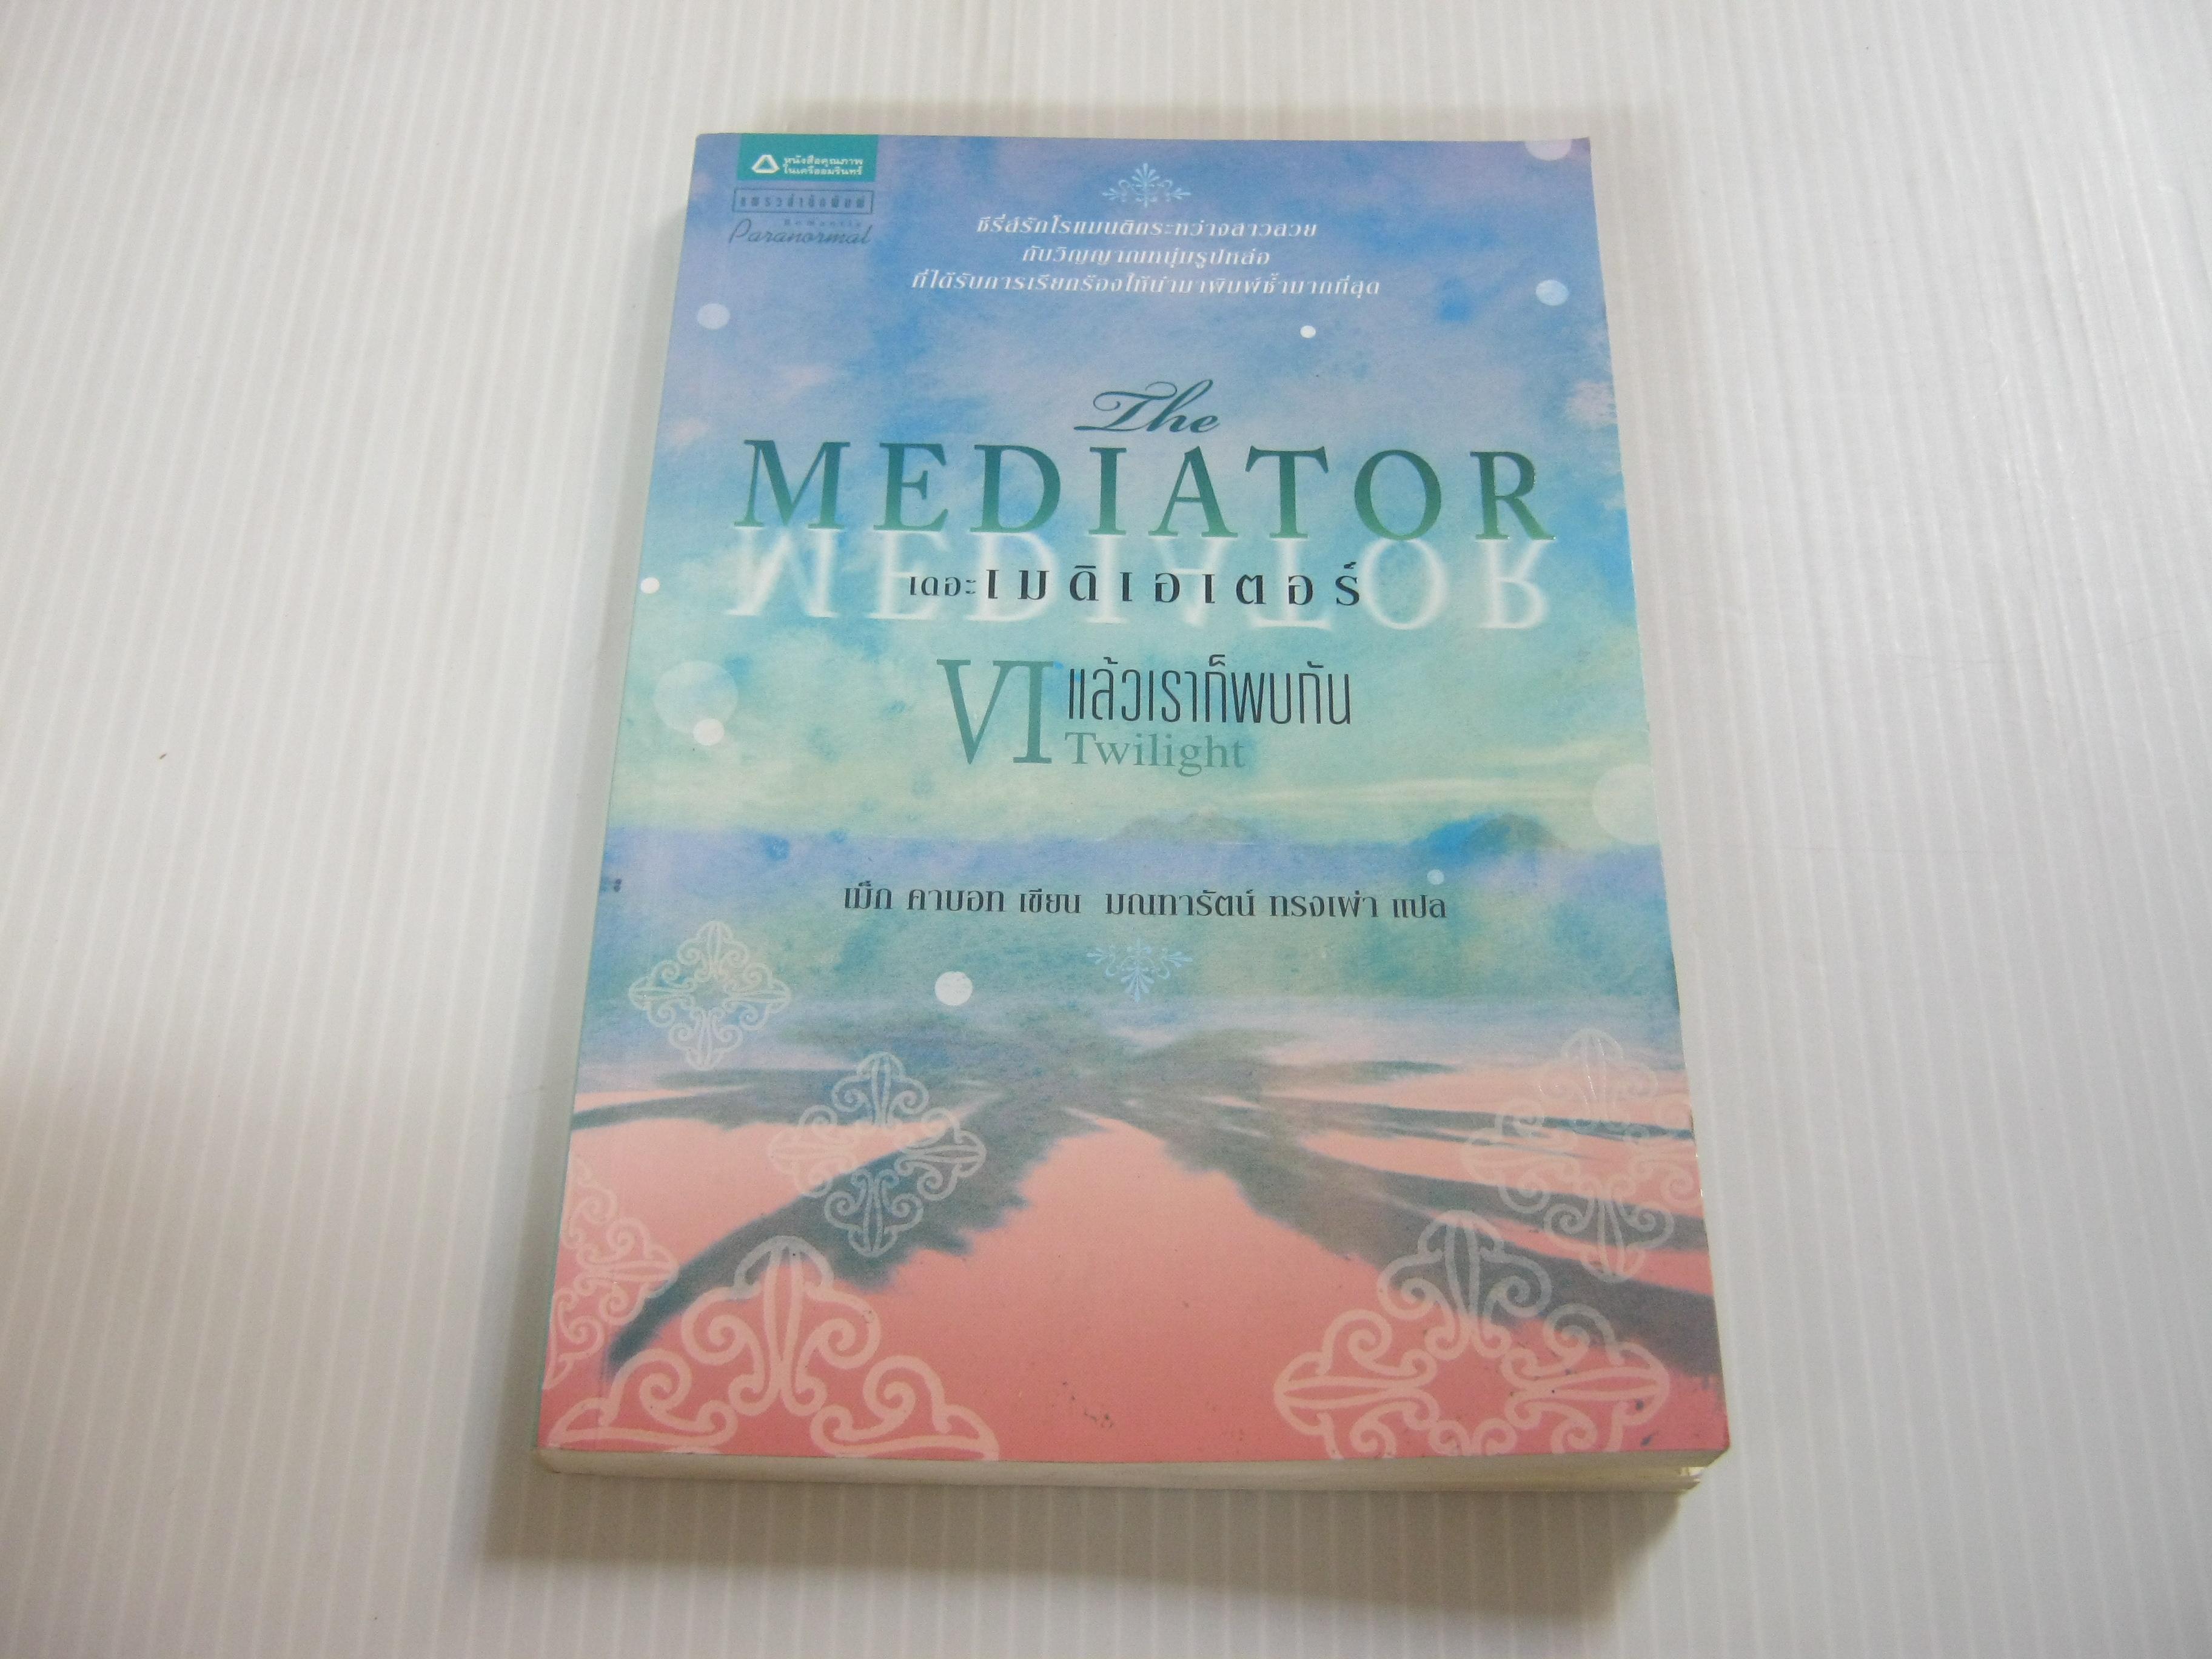 เดอะ เมดิเอเตอร์ VI ตอน แล้วเราก็พบกัน (The Mediator VI Twilight) เม็ก คาบอท เขียน มณฑารัตน์ ทรงเผ่า แปล